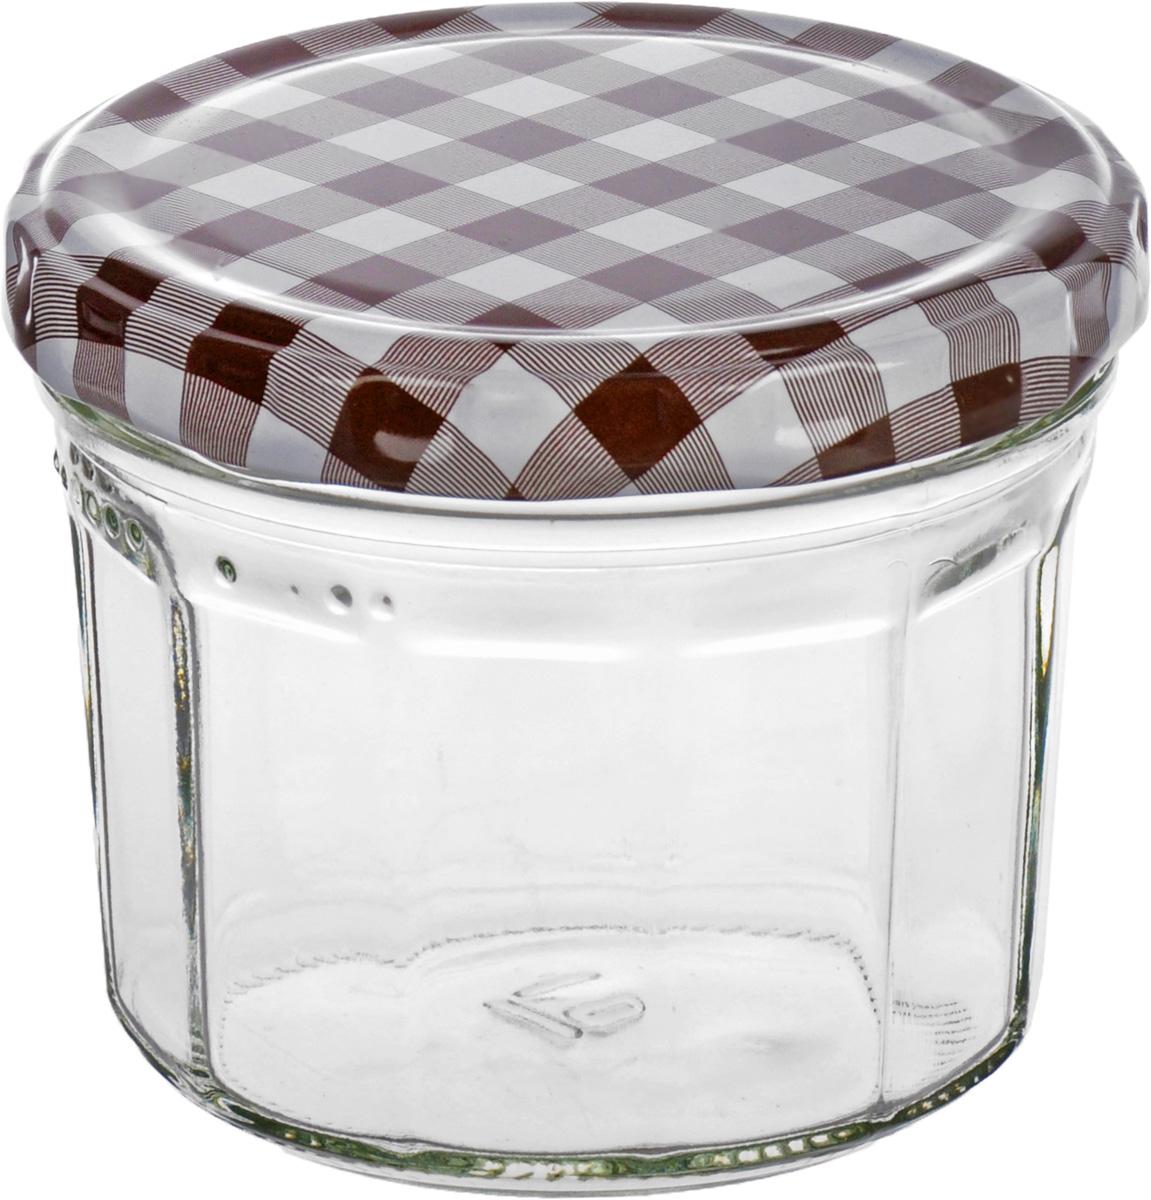 Банка для сыпучих продуктов Einkochwelt Twist, цвет: прозрачный, коричневый, 240 мл170006_прозрачный, белый, коричневыйБанка для сыпучих продуктов Einkochwelt Twist изготовлена из прочного стекла и дополнена металлической крышкой. Такая модель станет незаменимым помощником на любой кухне. В ней будет удобно хранить сыпучие продукты, такие, как чай, кофе, соль, сахар, крупы, макароны и многое другое. Емкость плотно закрывается крышкой, благодаря которой дольше сохраняя аромат и свежесть содержимого. Оригинальная форма и цвет банки позволит ей стать не только полезным изделием, но и украшением интерьера вашей кухни.Объем банки: 240 мл.